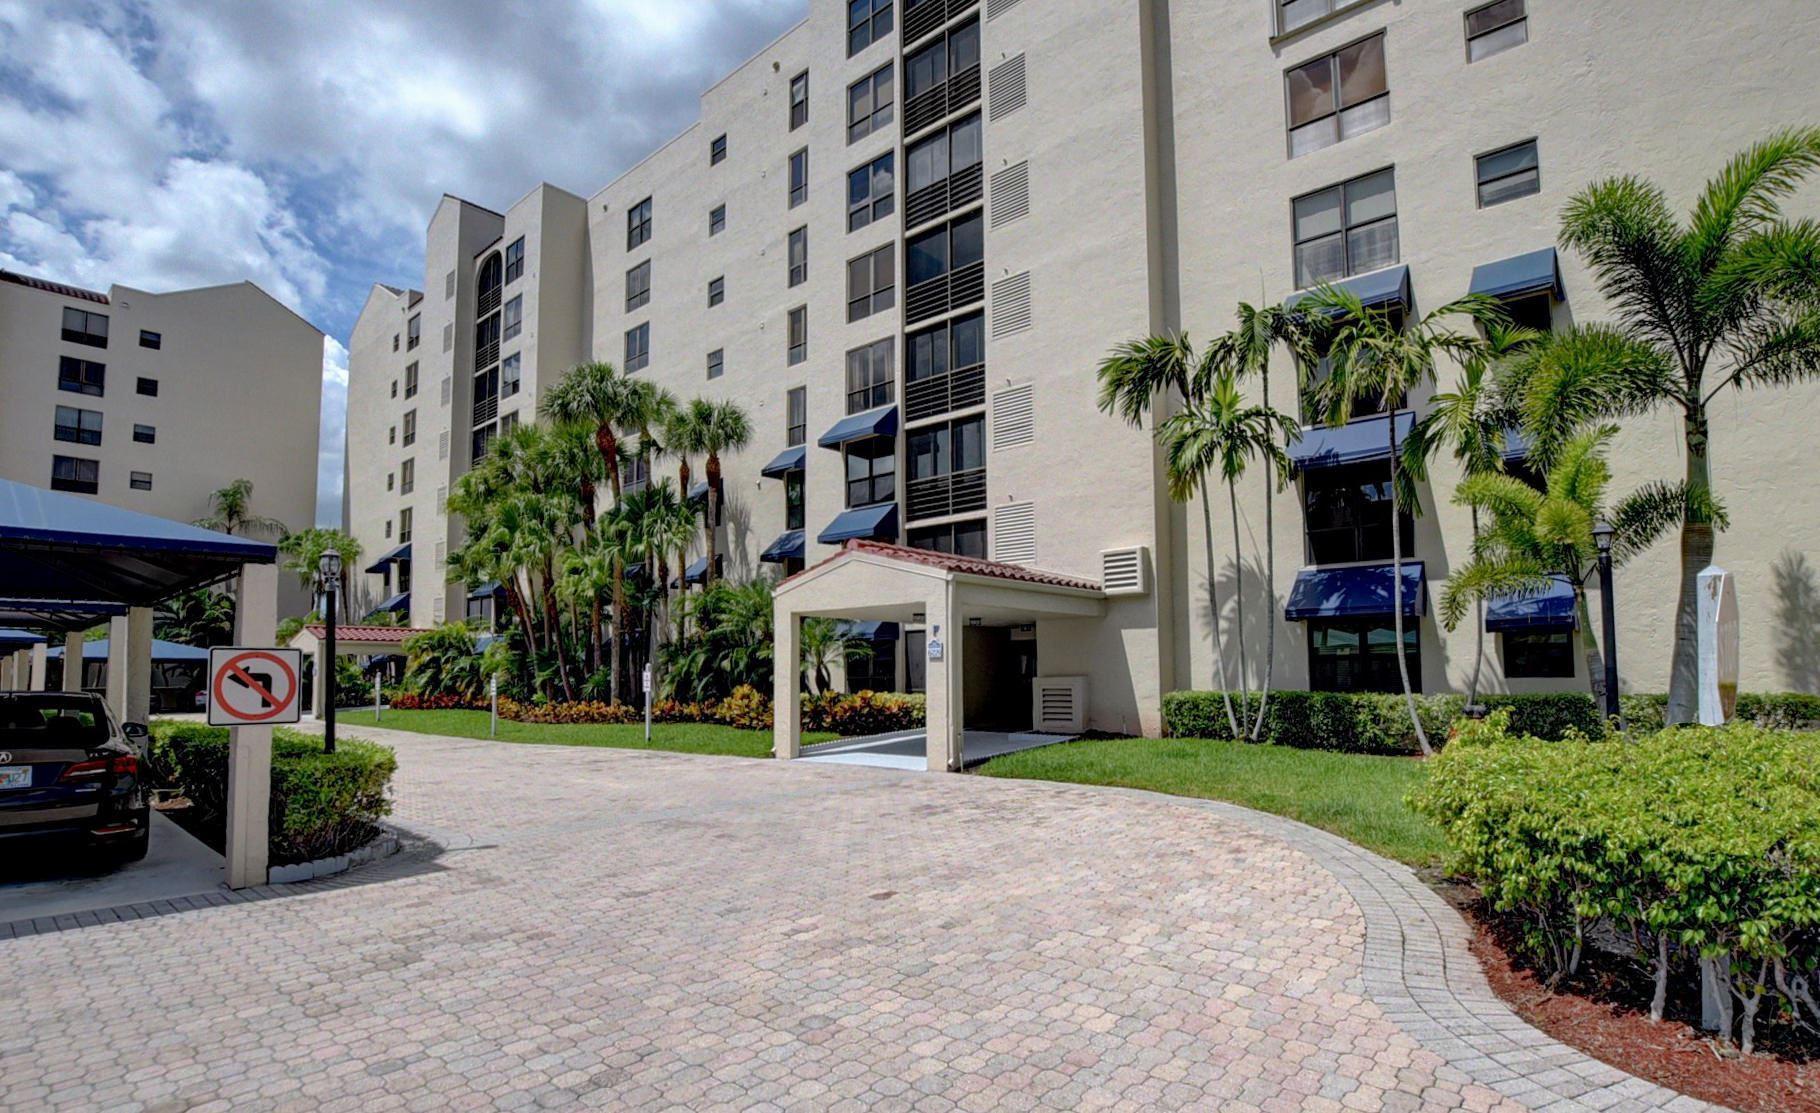 7582 Regency Lake Drive #702, Boca Raton, FL 33433 - #: RX-10651439